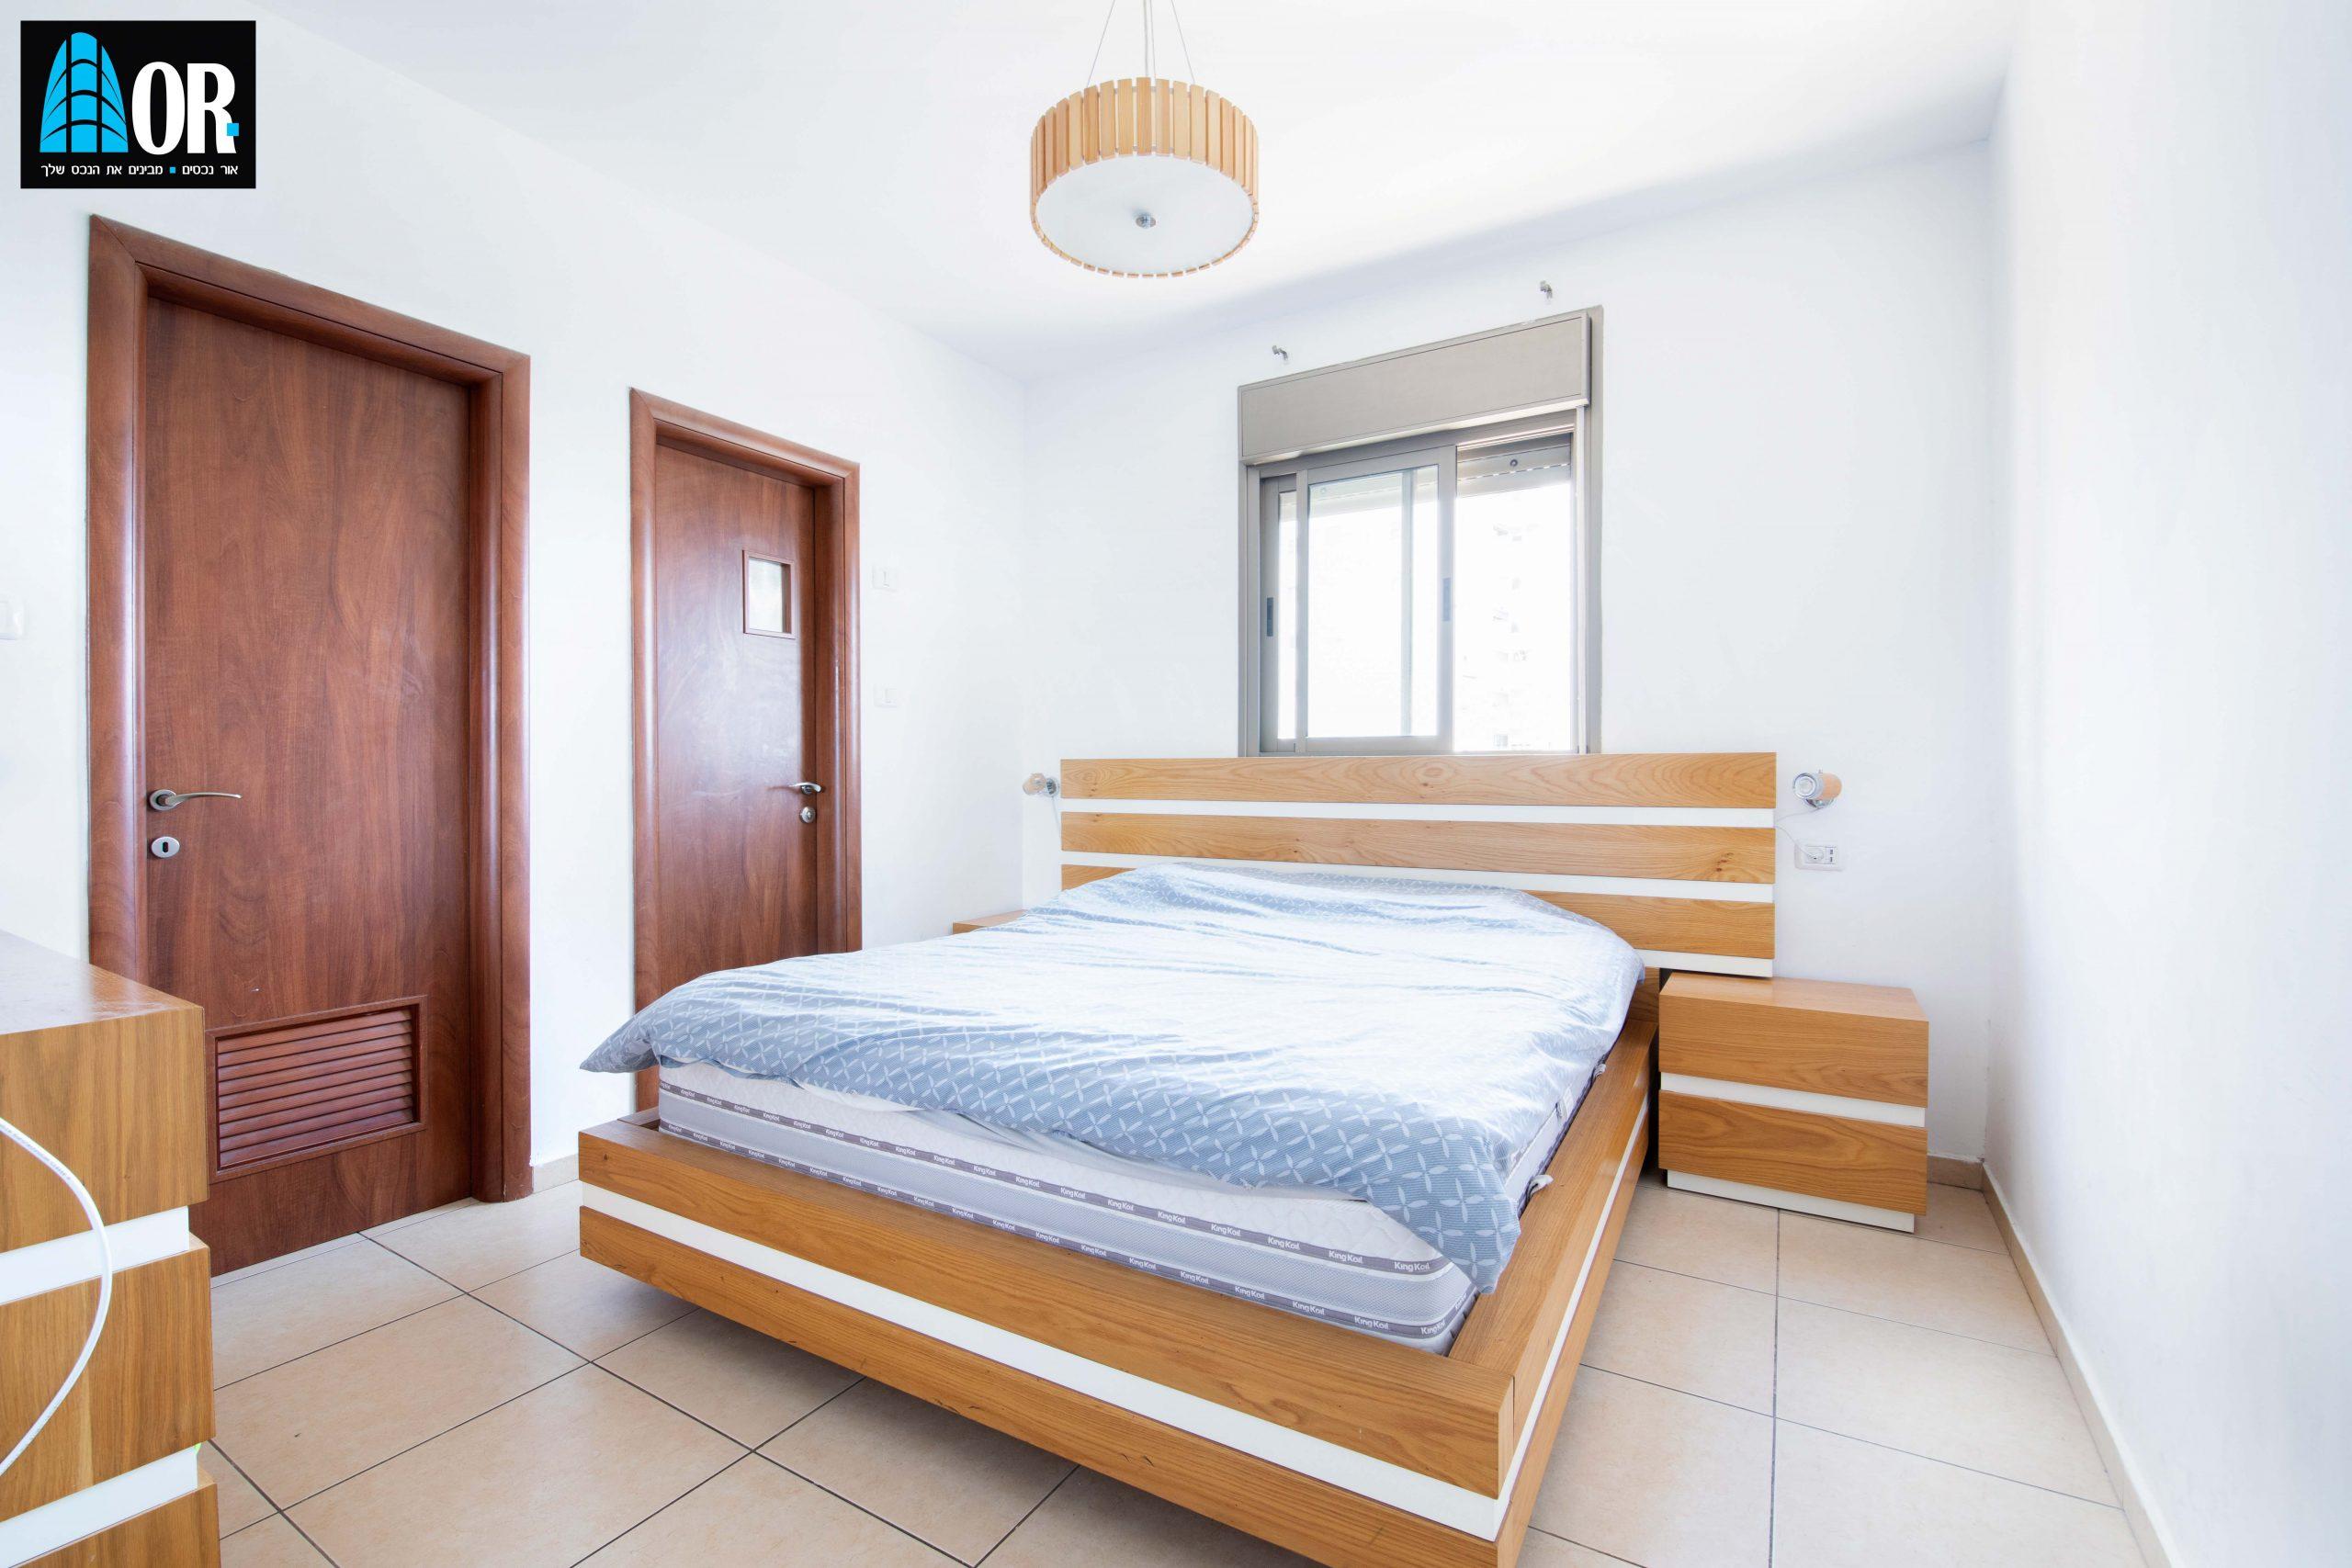 חדר שינה דירה 5 חדרים בשכונה פארק המושבה